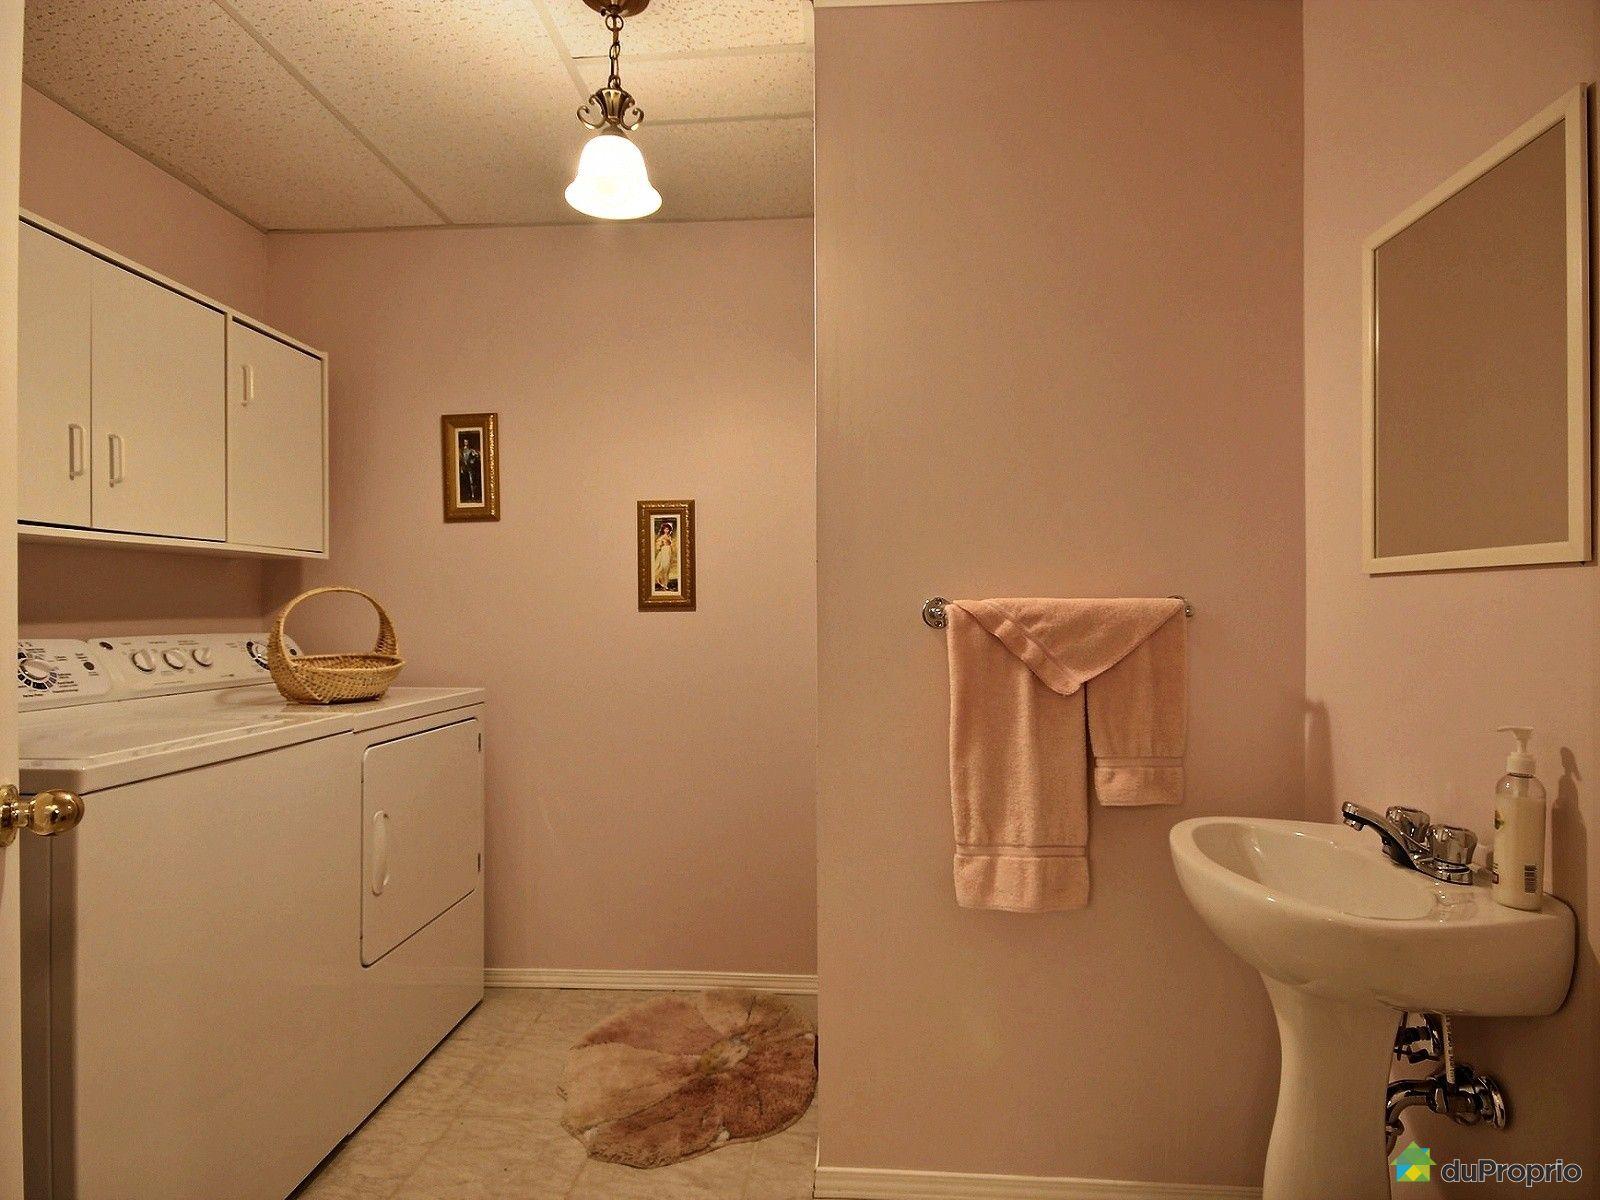 Maison vendre st tienne de lauzon 33 rue lalibert for Salle de bain saint etienne